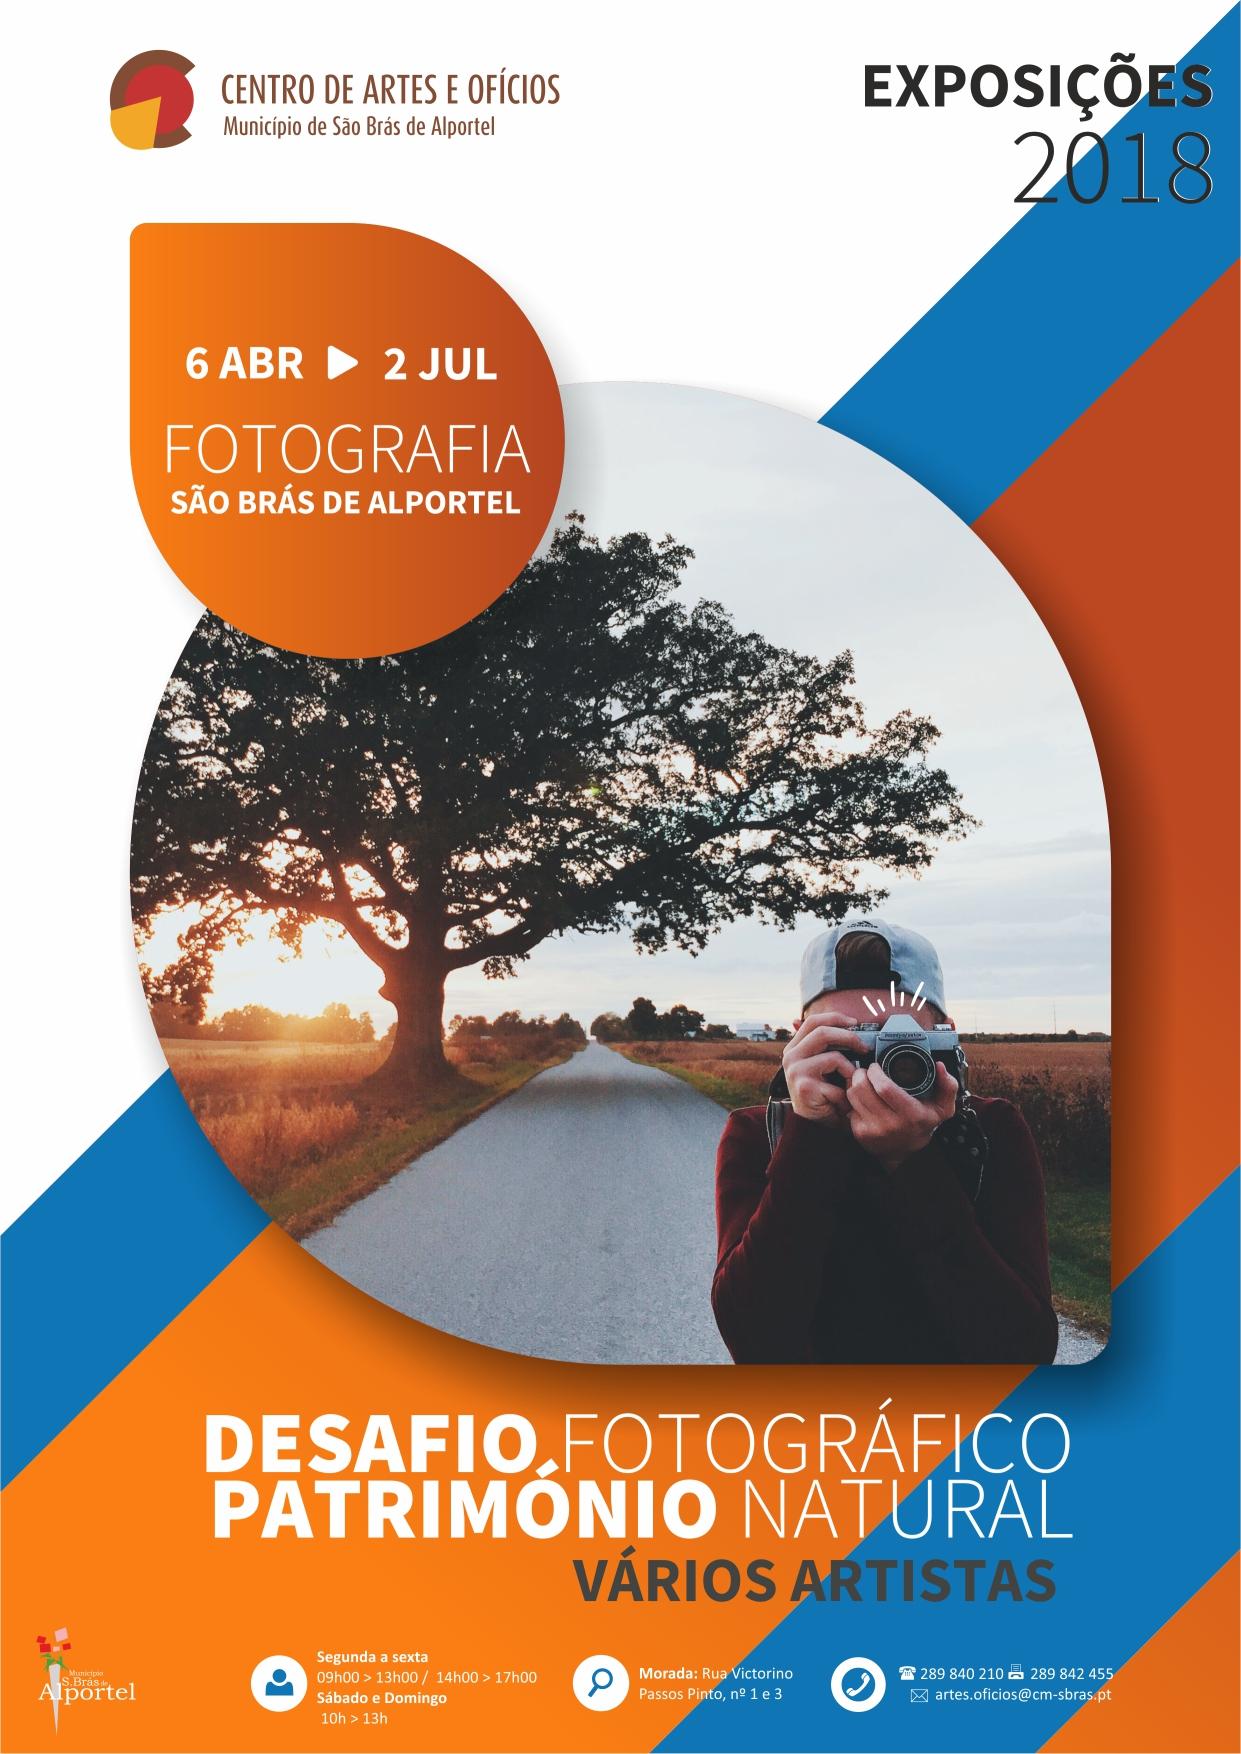 cartaz da exposição desafios fotográfico 2018